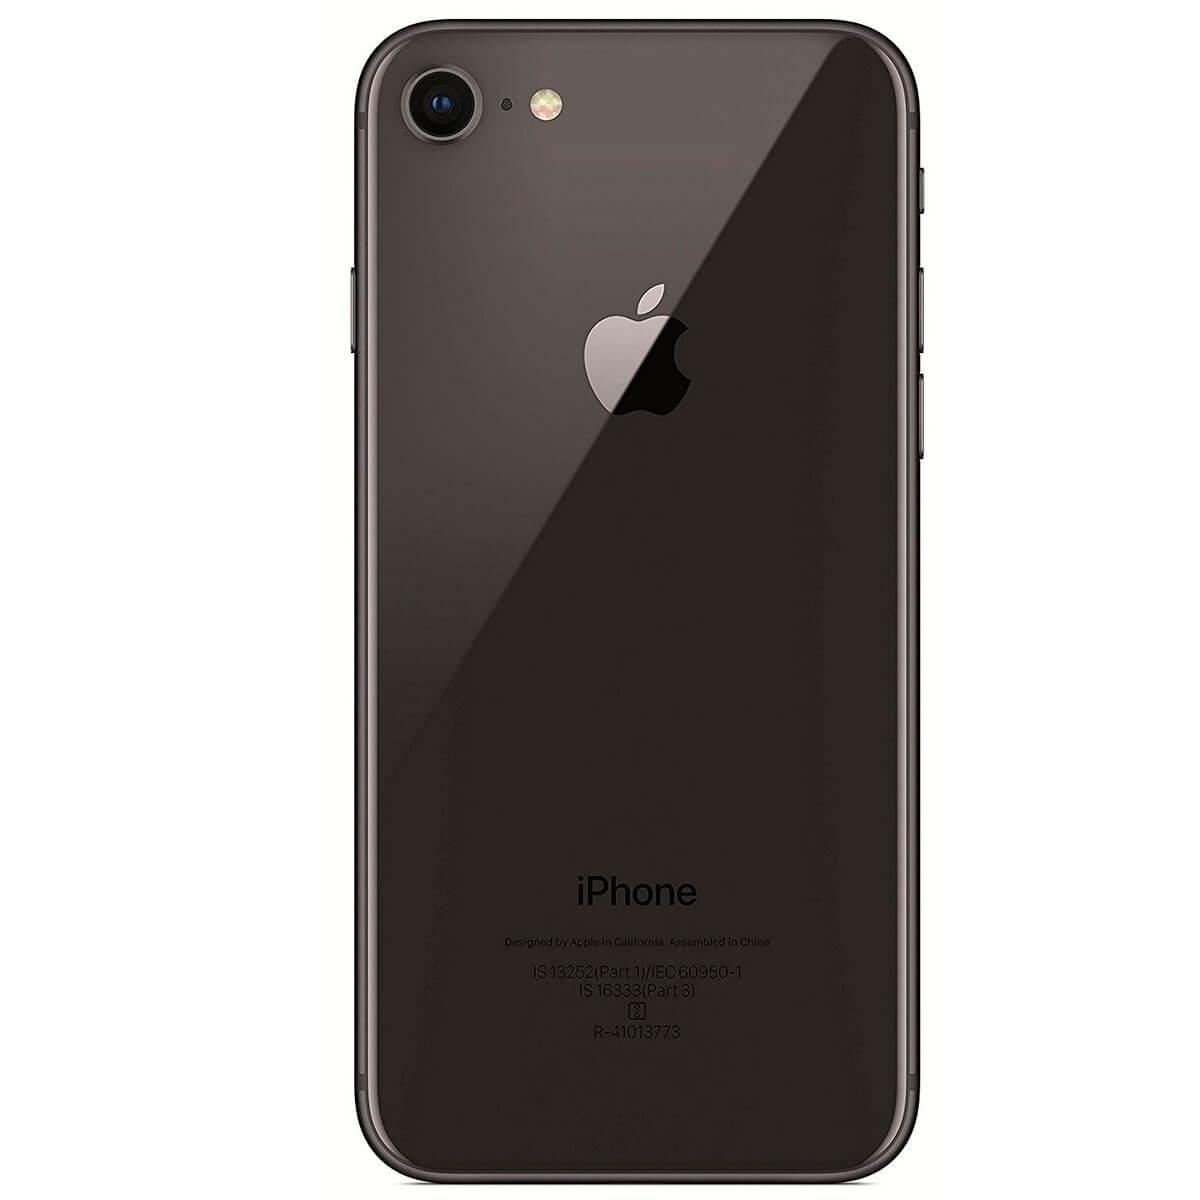 IPhone 8 : Caracteristicas Y Especificaciones